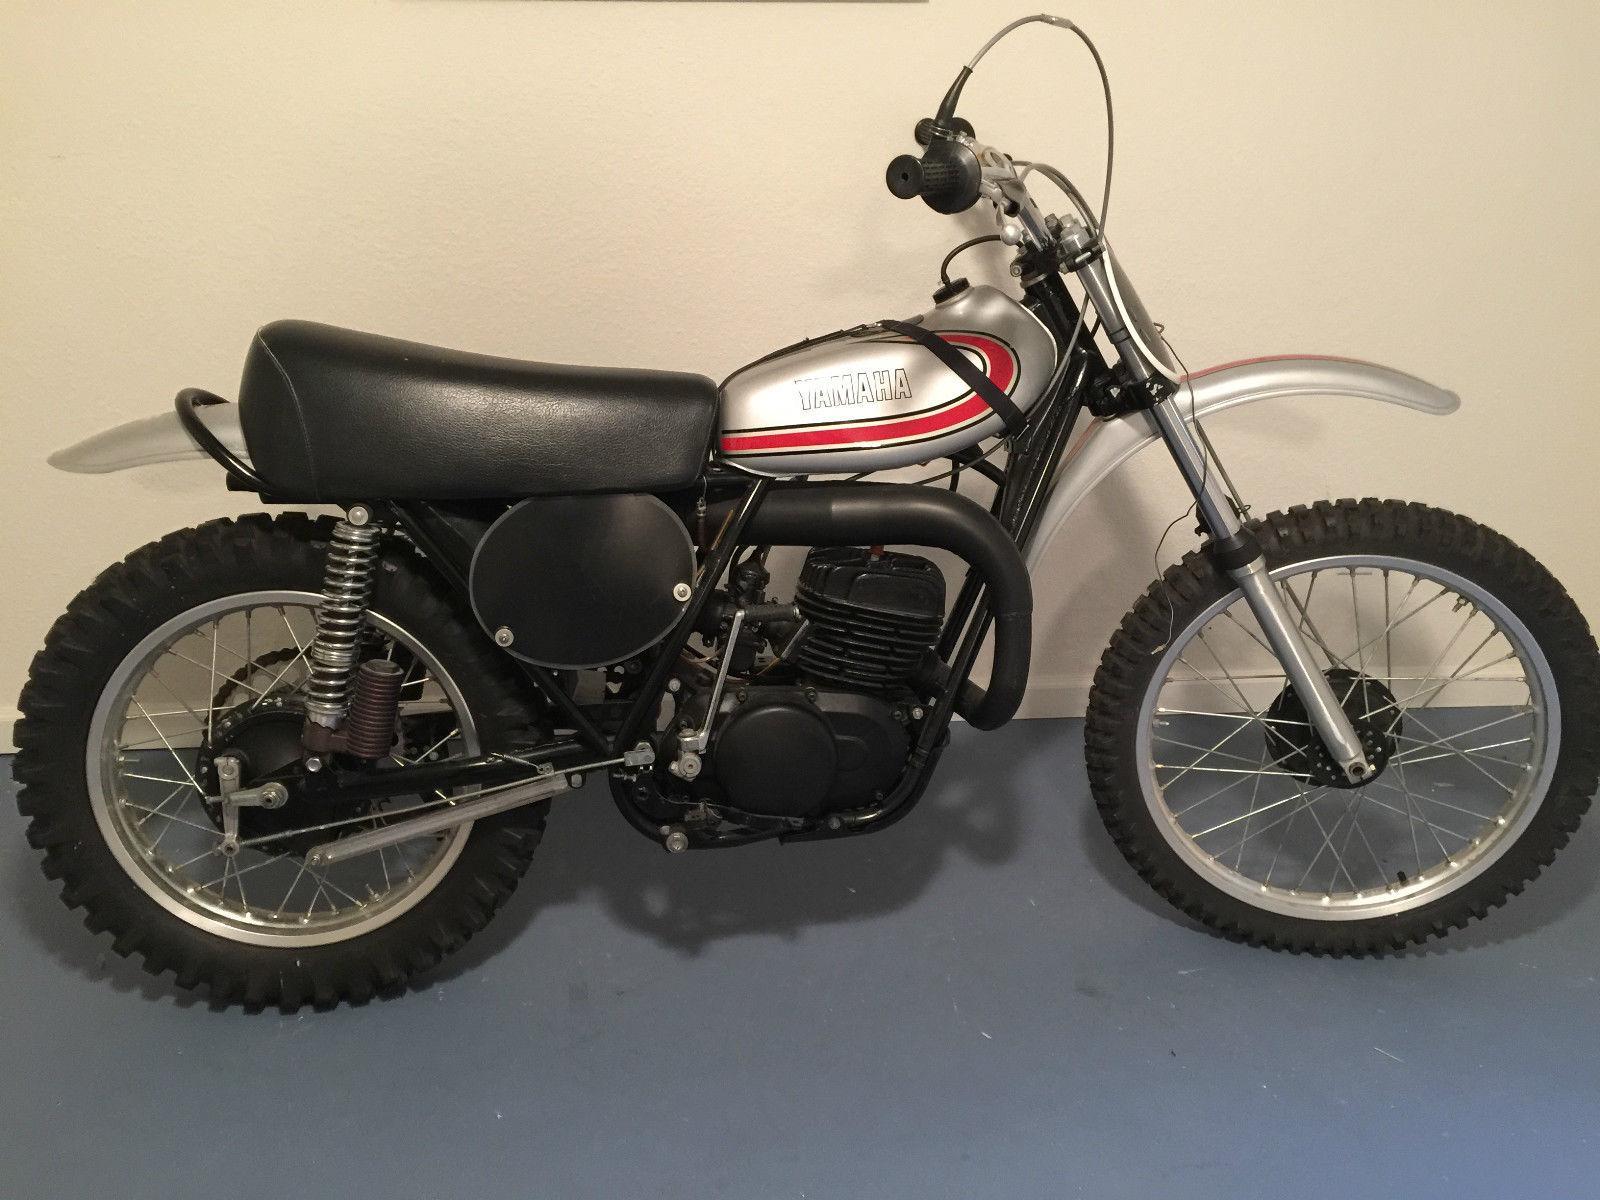 1974 yamaha yz for sale for Yamaha rally bike for sale